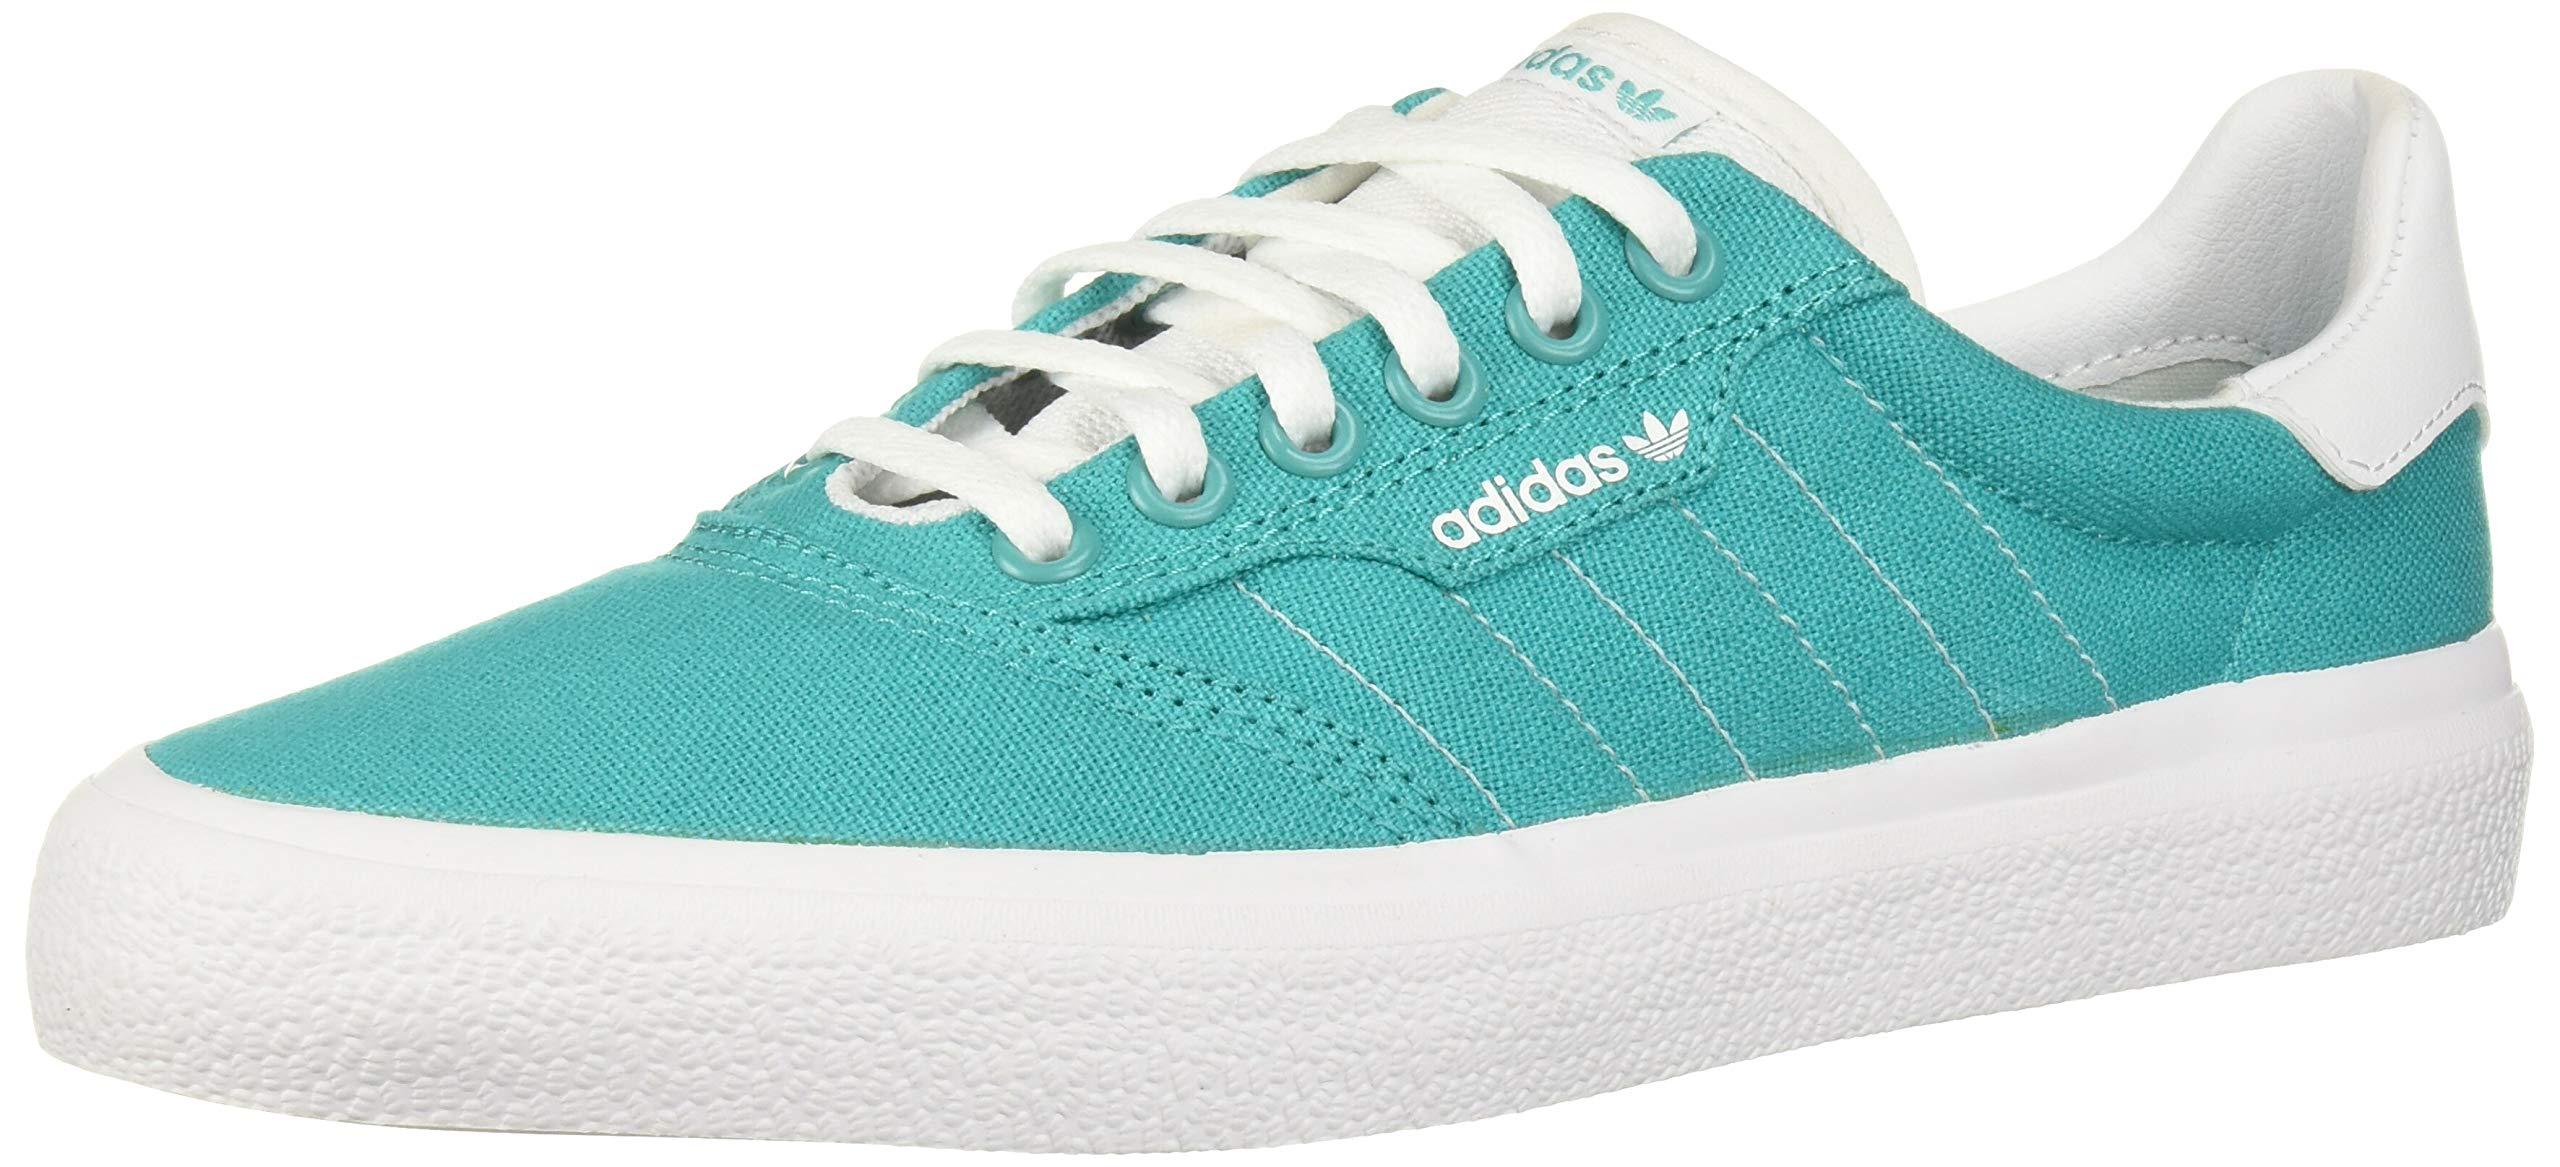 adidas Originals 3MC Sneaker, hi-res Aqua/White/White, 11 M US